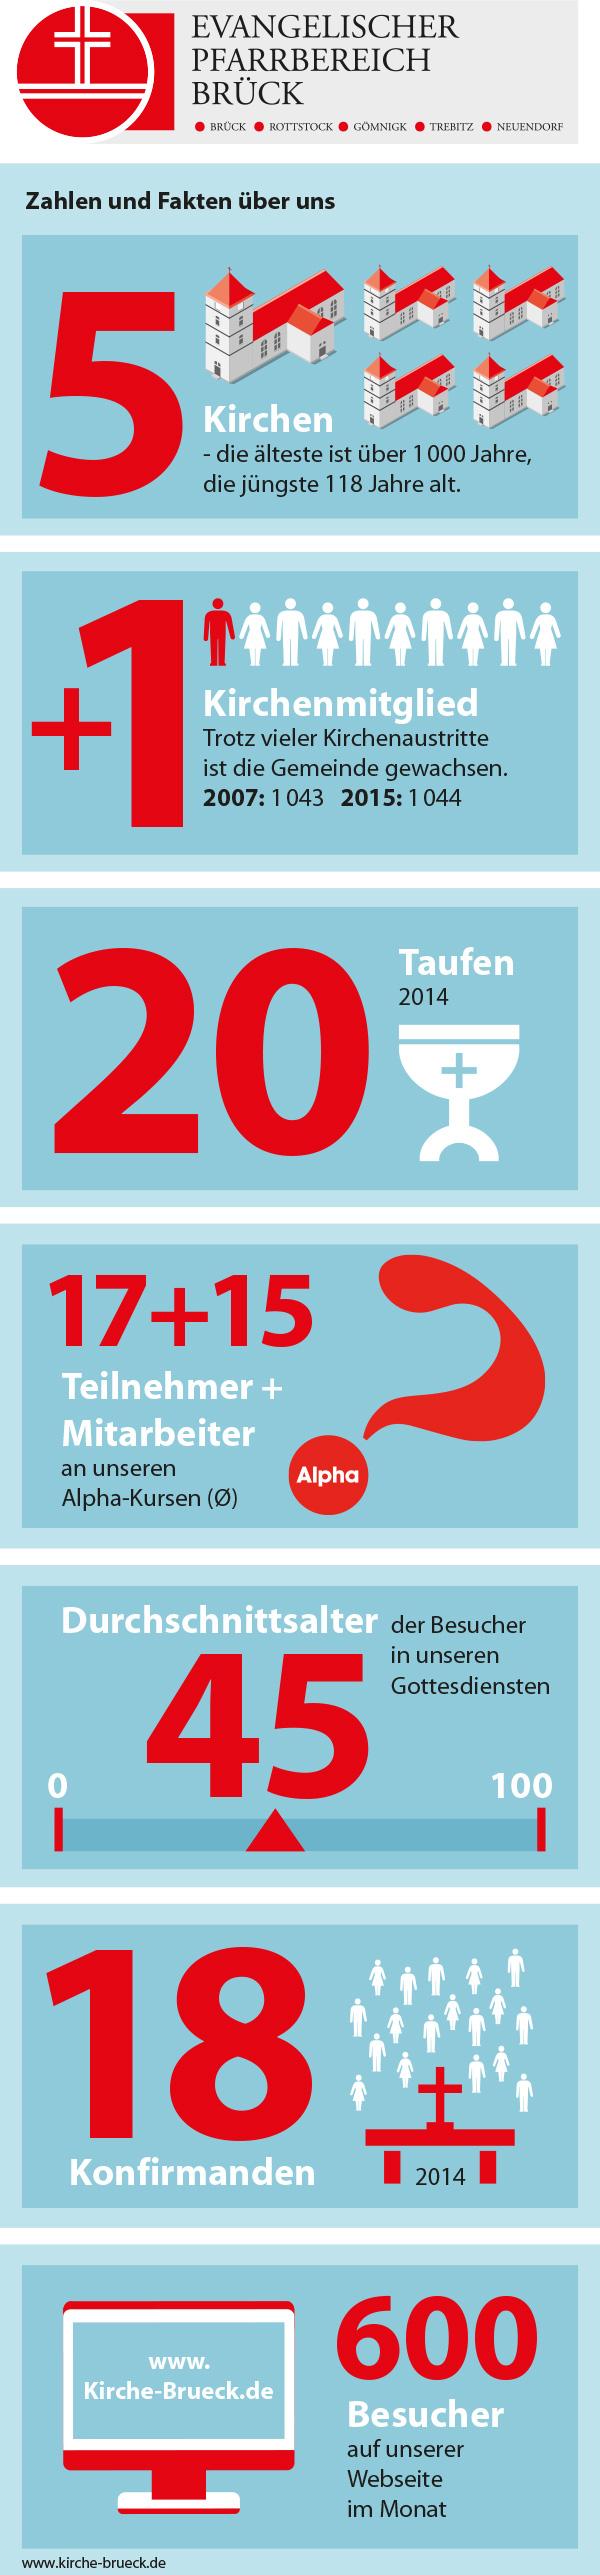 Infografik über uns - Evangelischer Pfarrbereich Brück